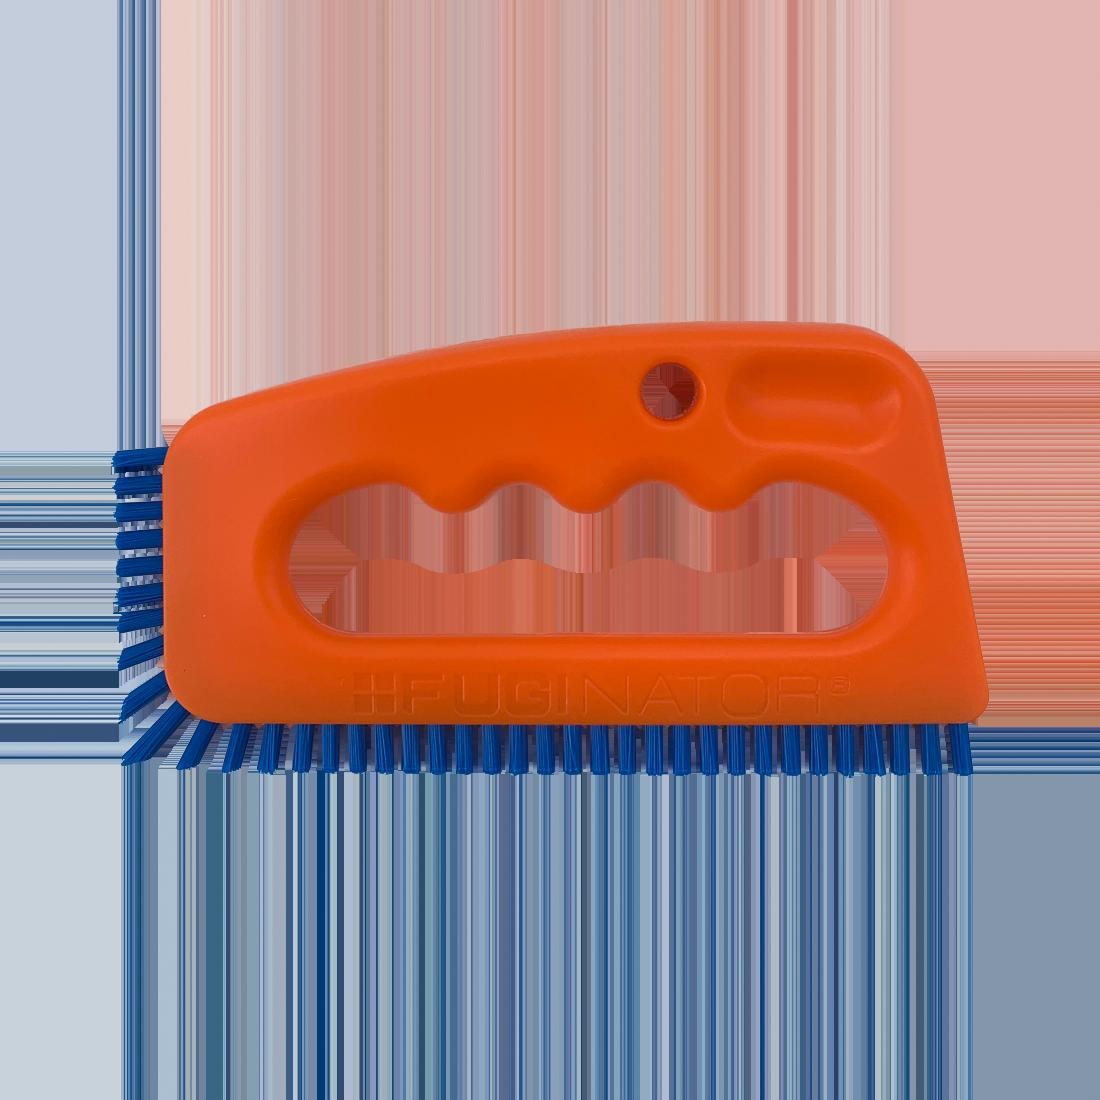 Fuginator Fugenbürste, blau/orange